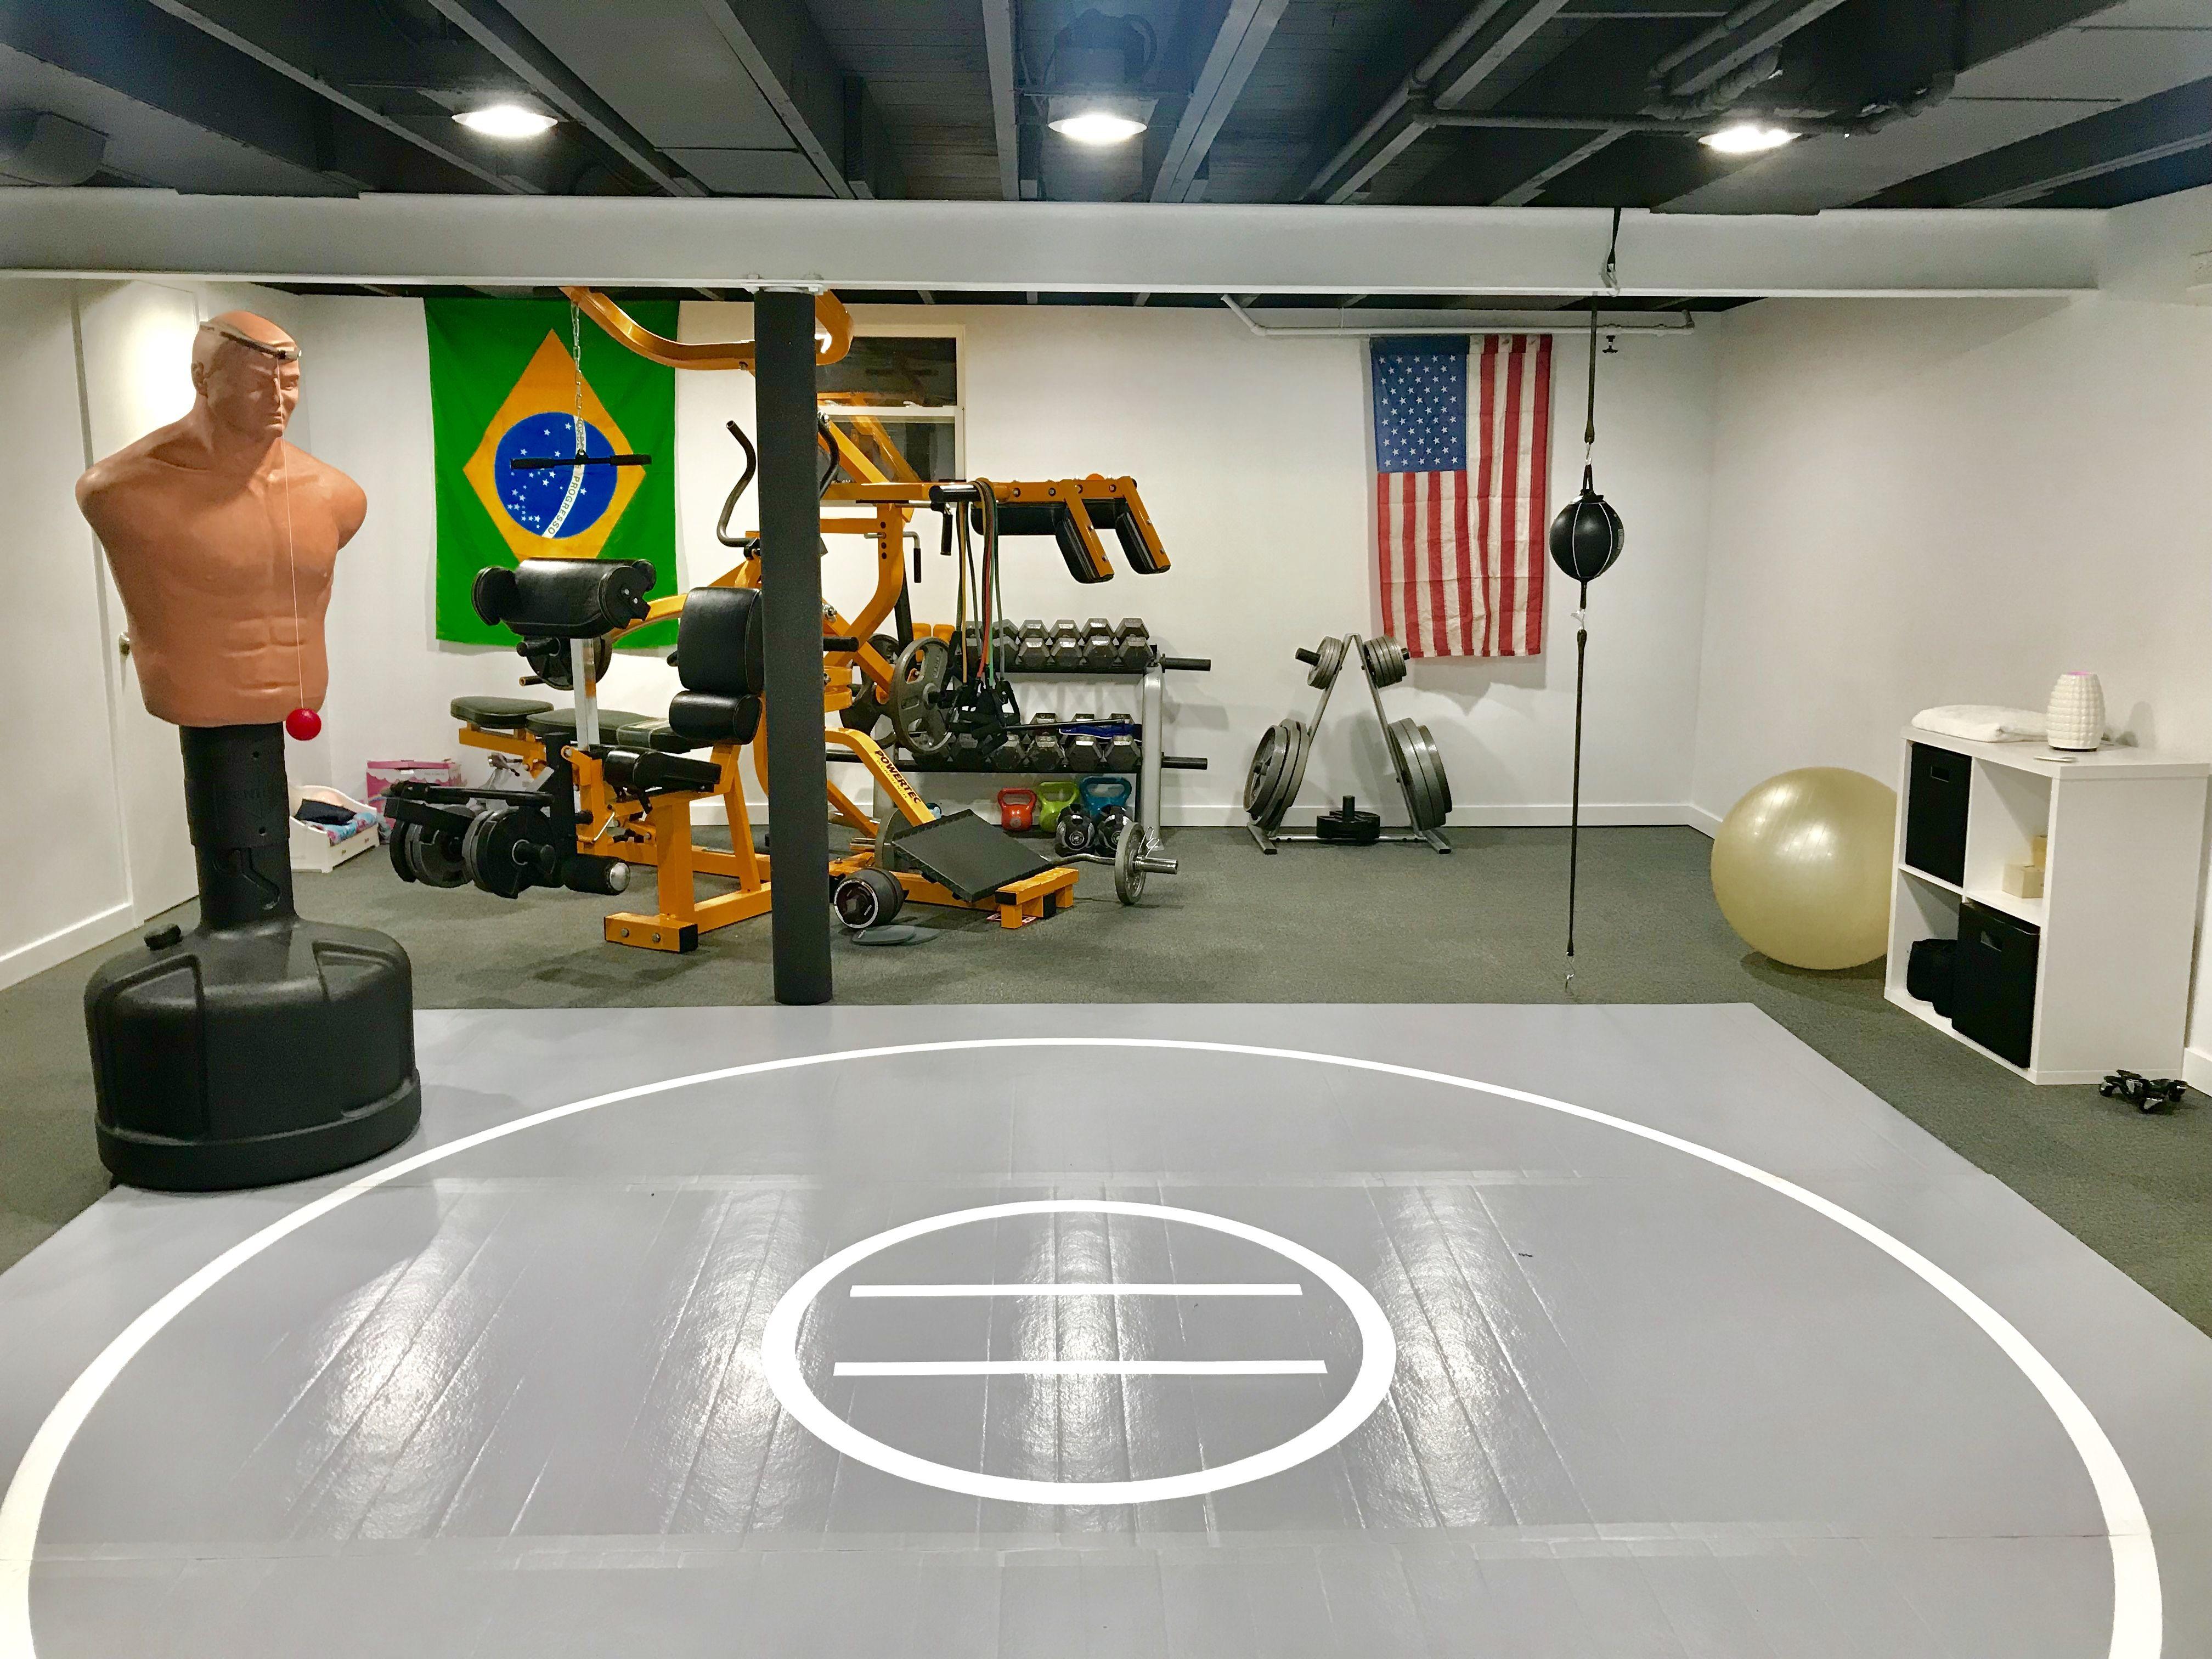 12 X 12 X Ultra Shock Roll Up Wrestling Mat Workout Room Home Workout Rooms Wrestling Mat